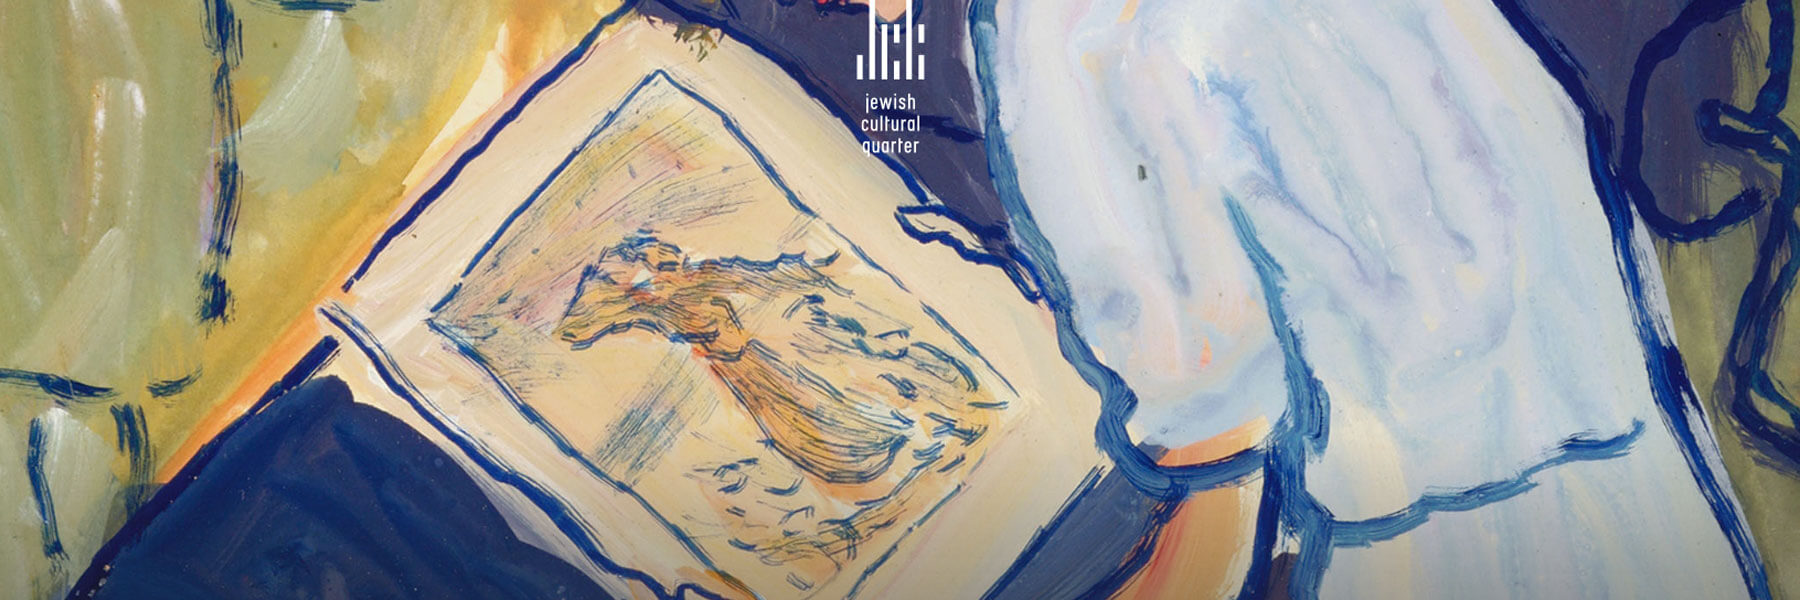 Ausstellung im Jüdischen Museum Amsterdam